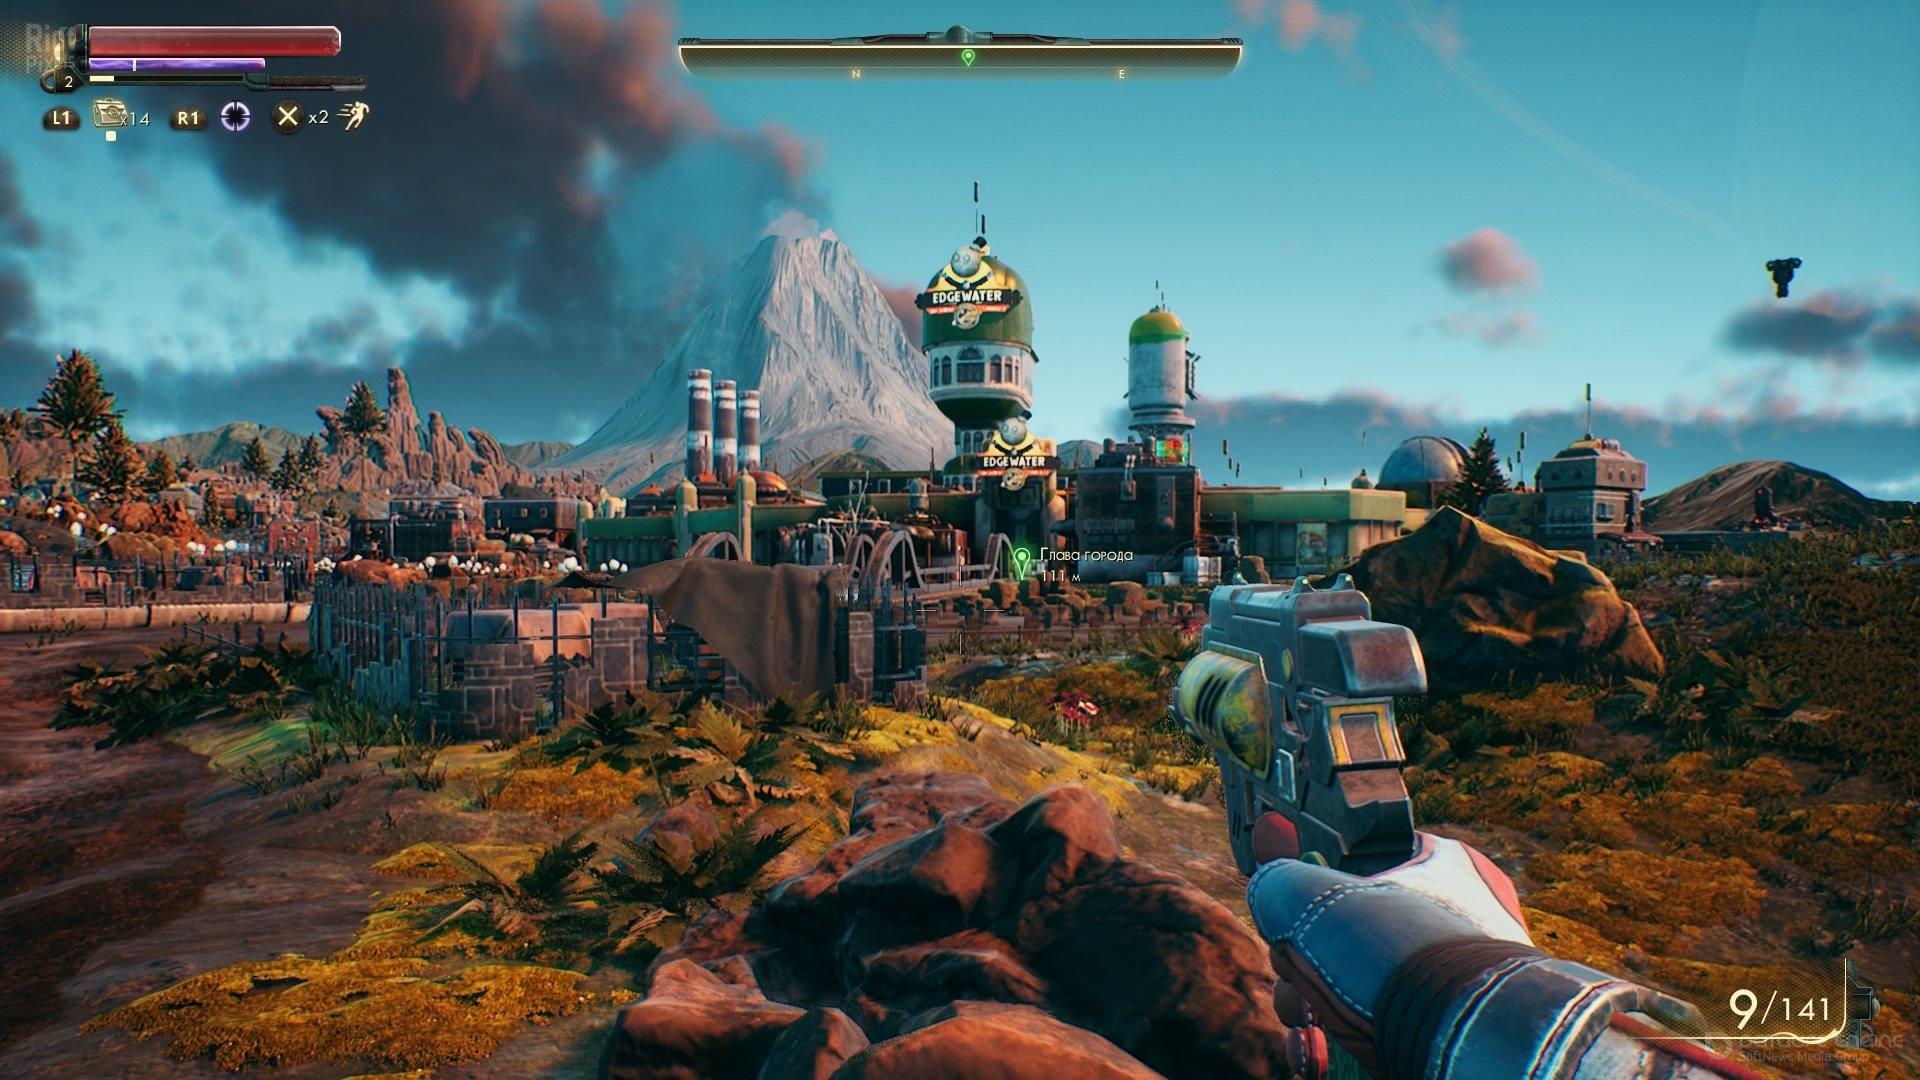 Скриншот к игре The Outer Worlds v.1.5.1.712 + 2 DLC [GOG] (2019) скачать торрент Лицензия